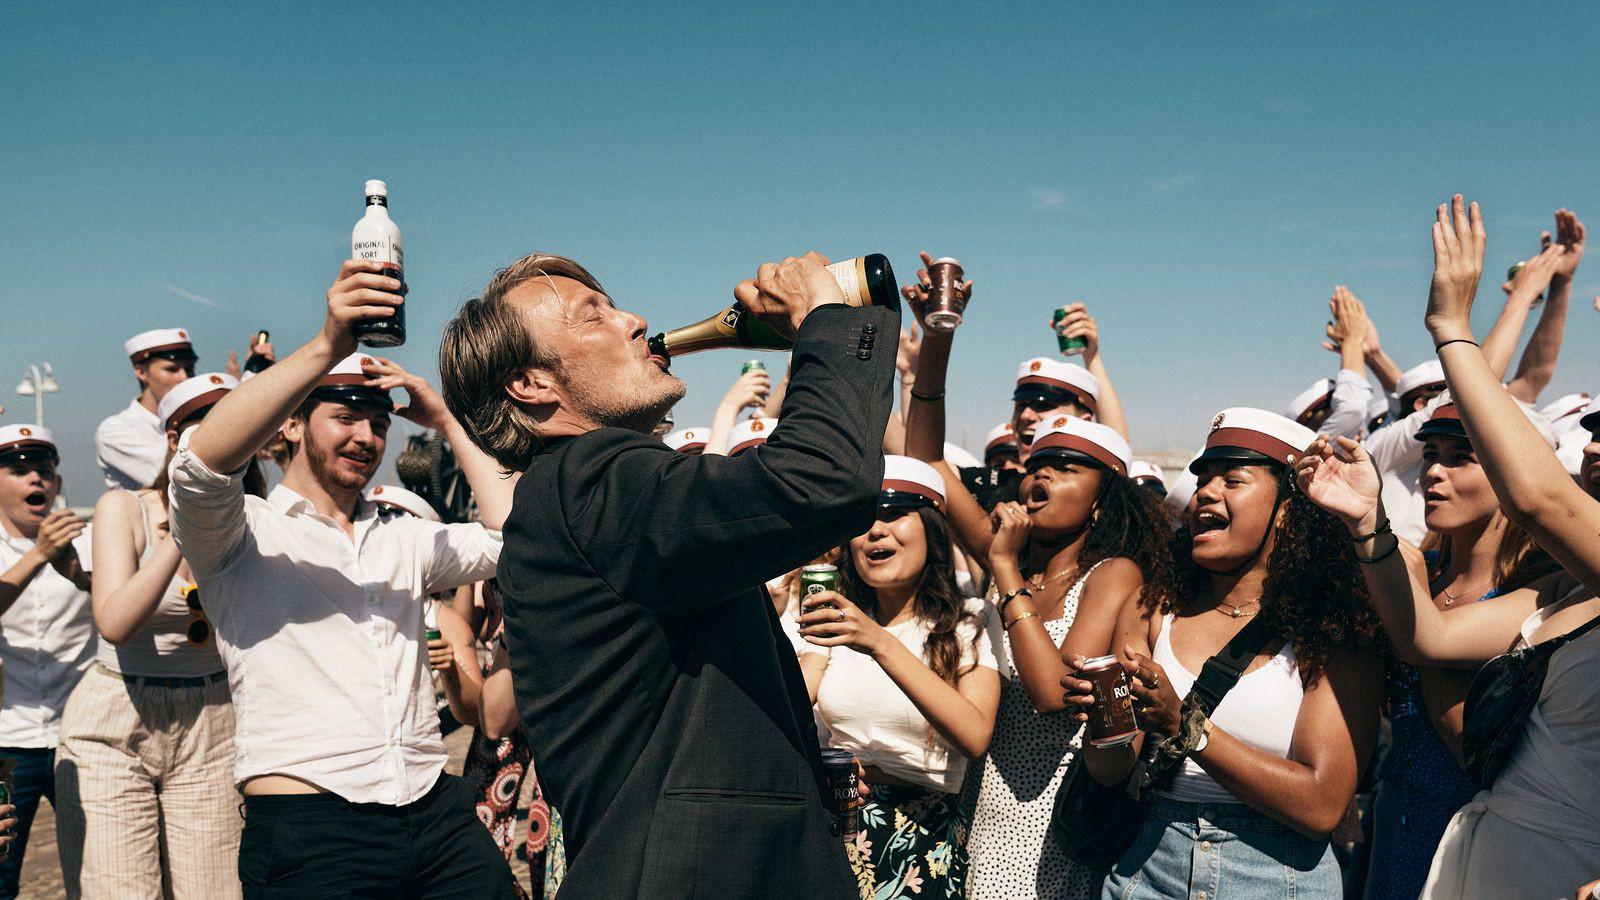 Drunk met topacteur Mads Mikkelsen woensdag 1 september in De Roma te bewonderen.